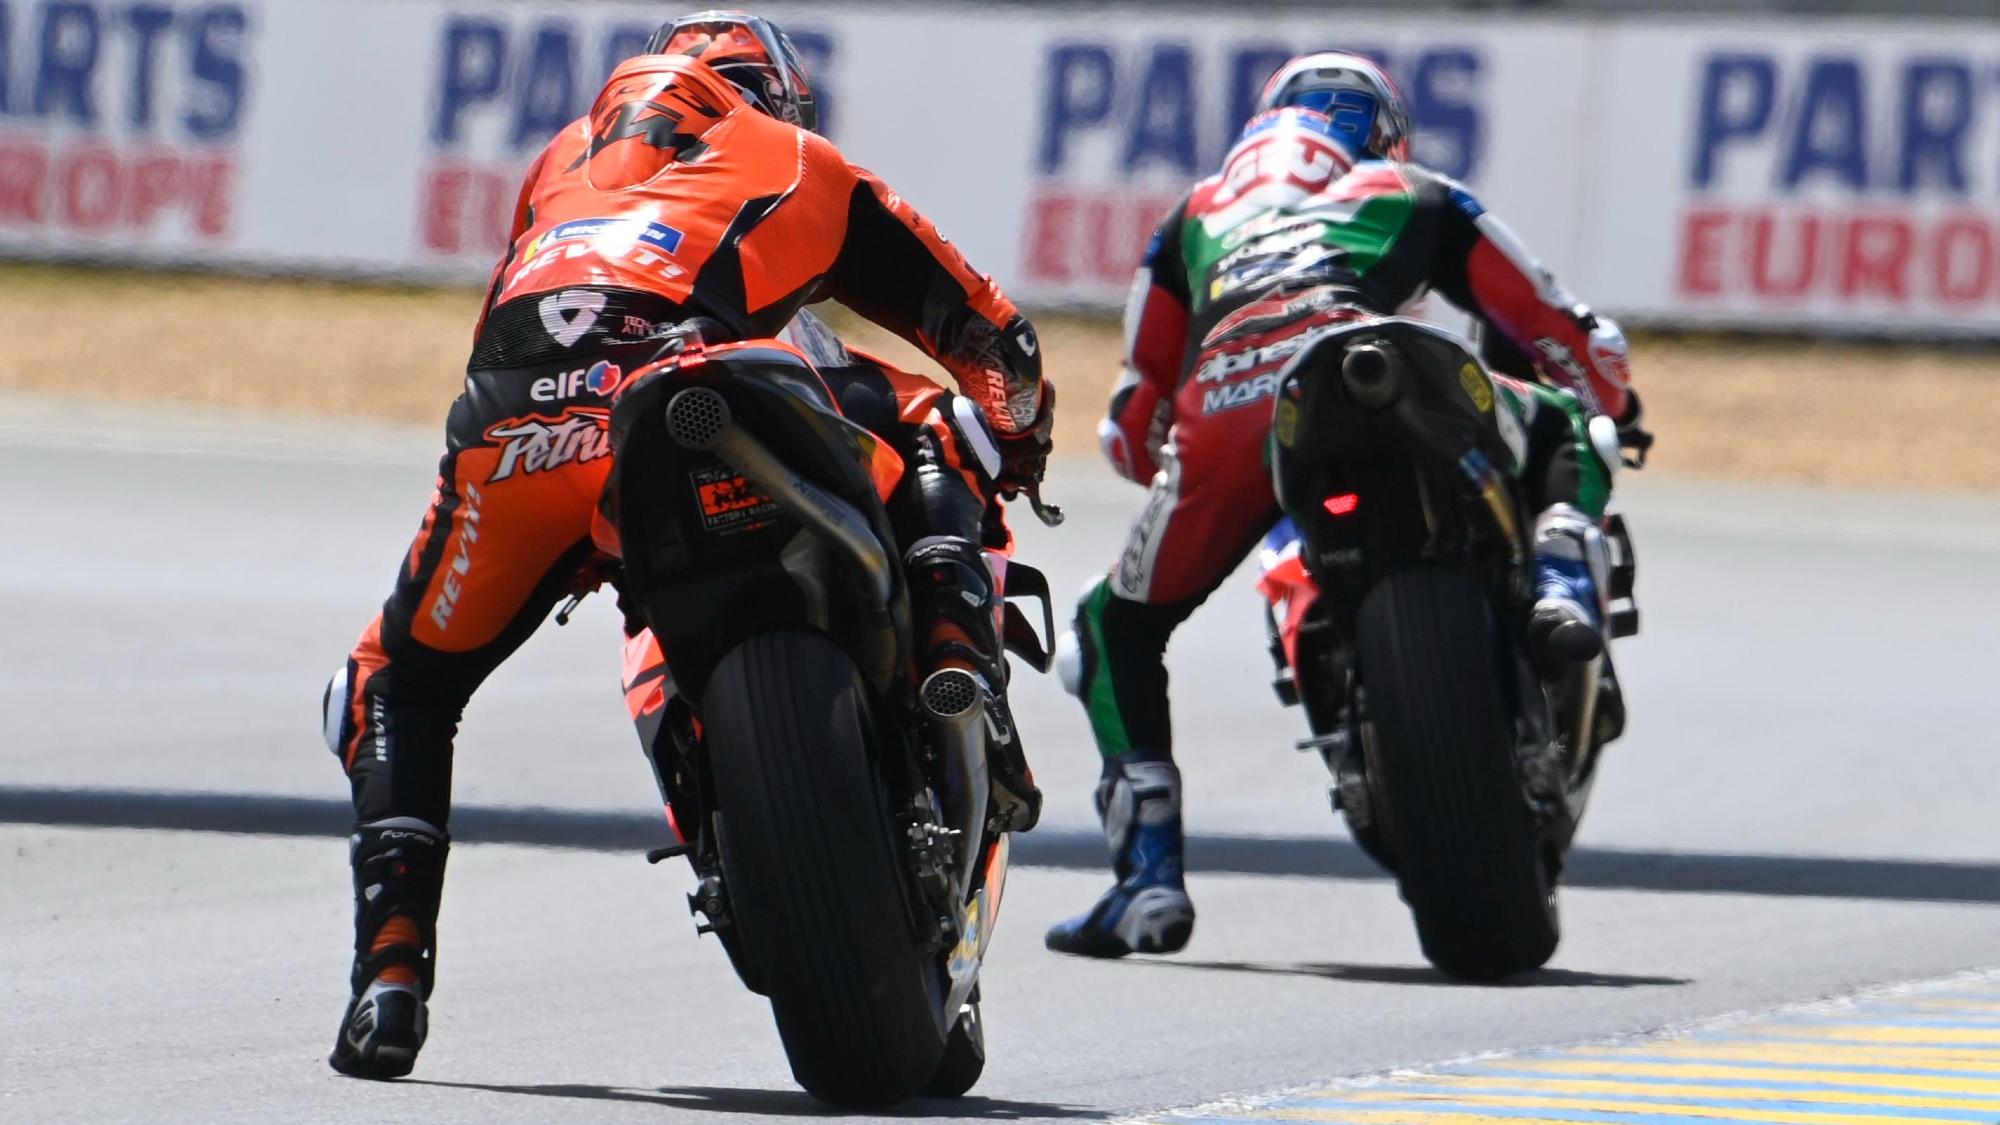 Danilo Petrucci, MotoGP 2021